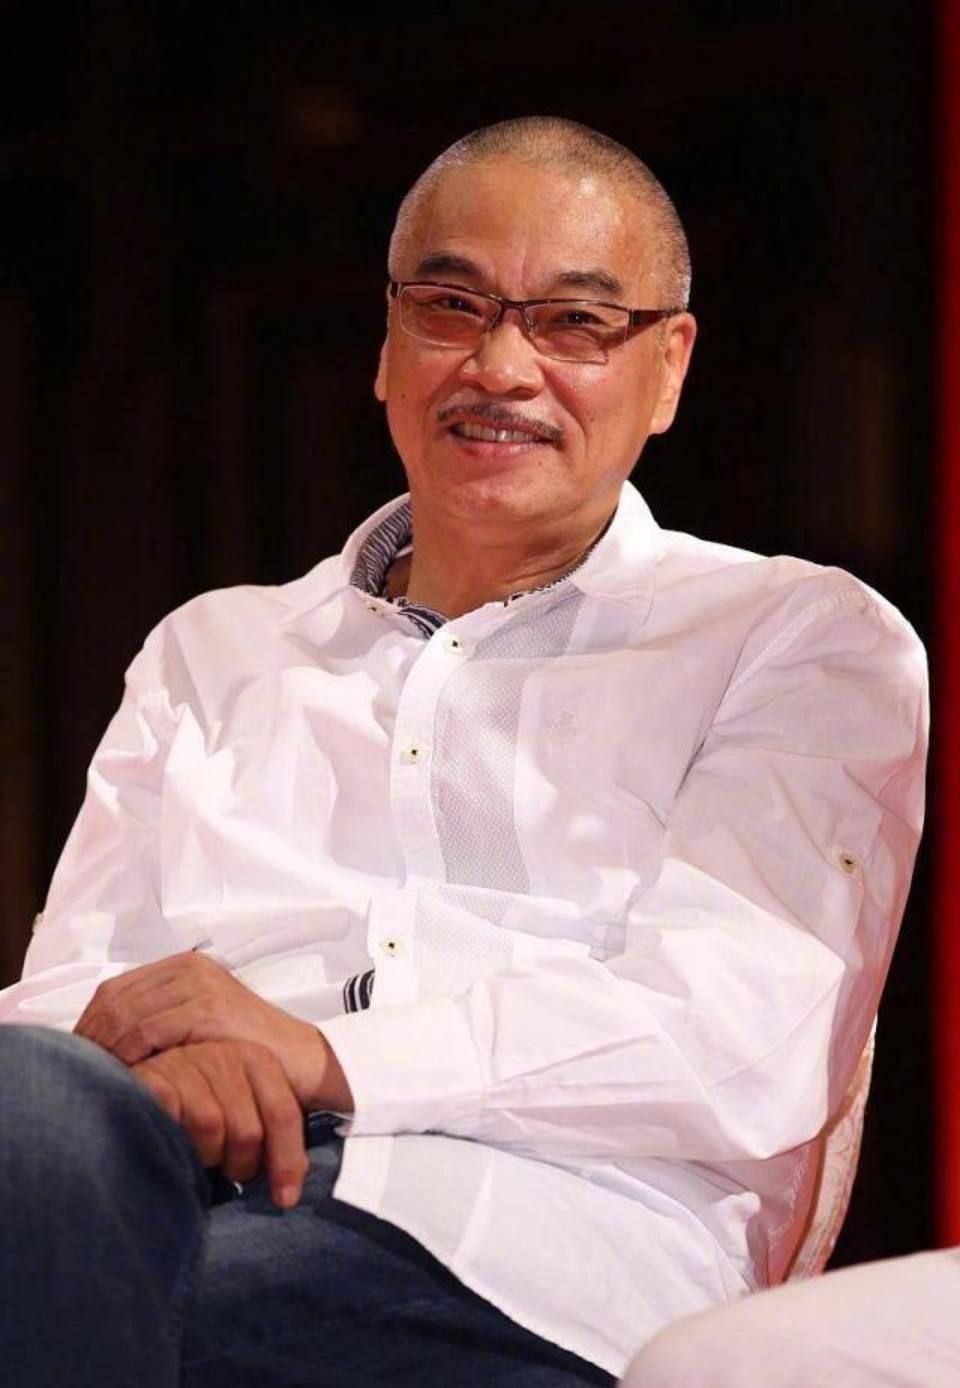 吴孟达因肝癌去世,享年70岁,因为走得太突然,来不及留下遗嘱 ,个人表示遗憾!个人很喜欢他和星爷的电影